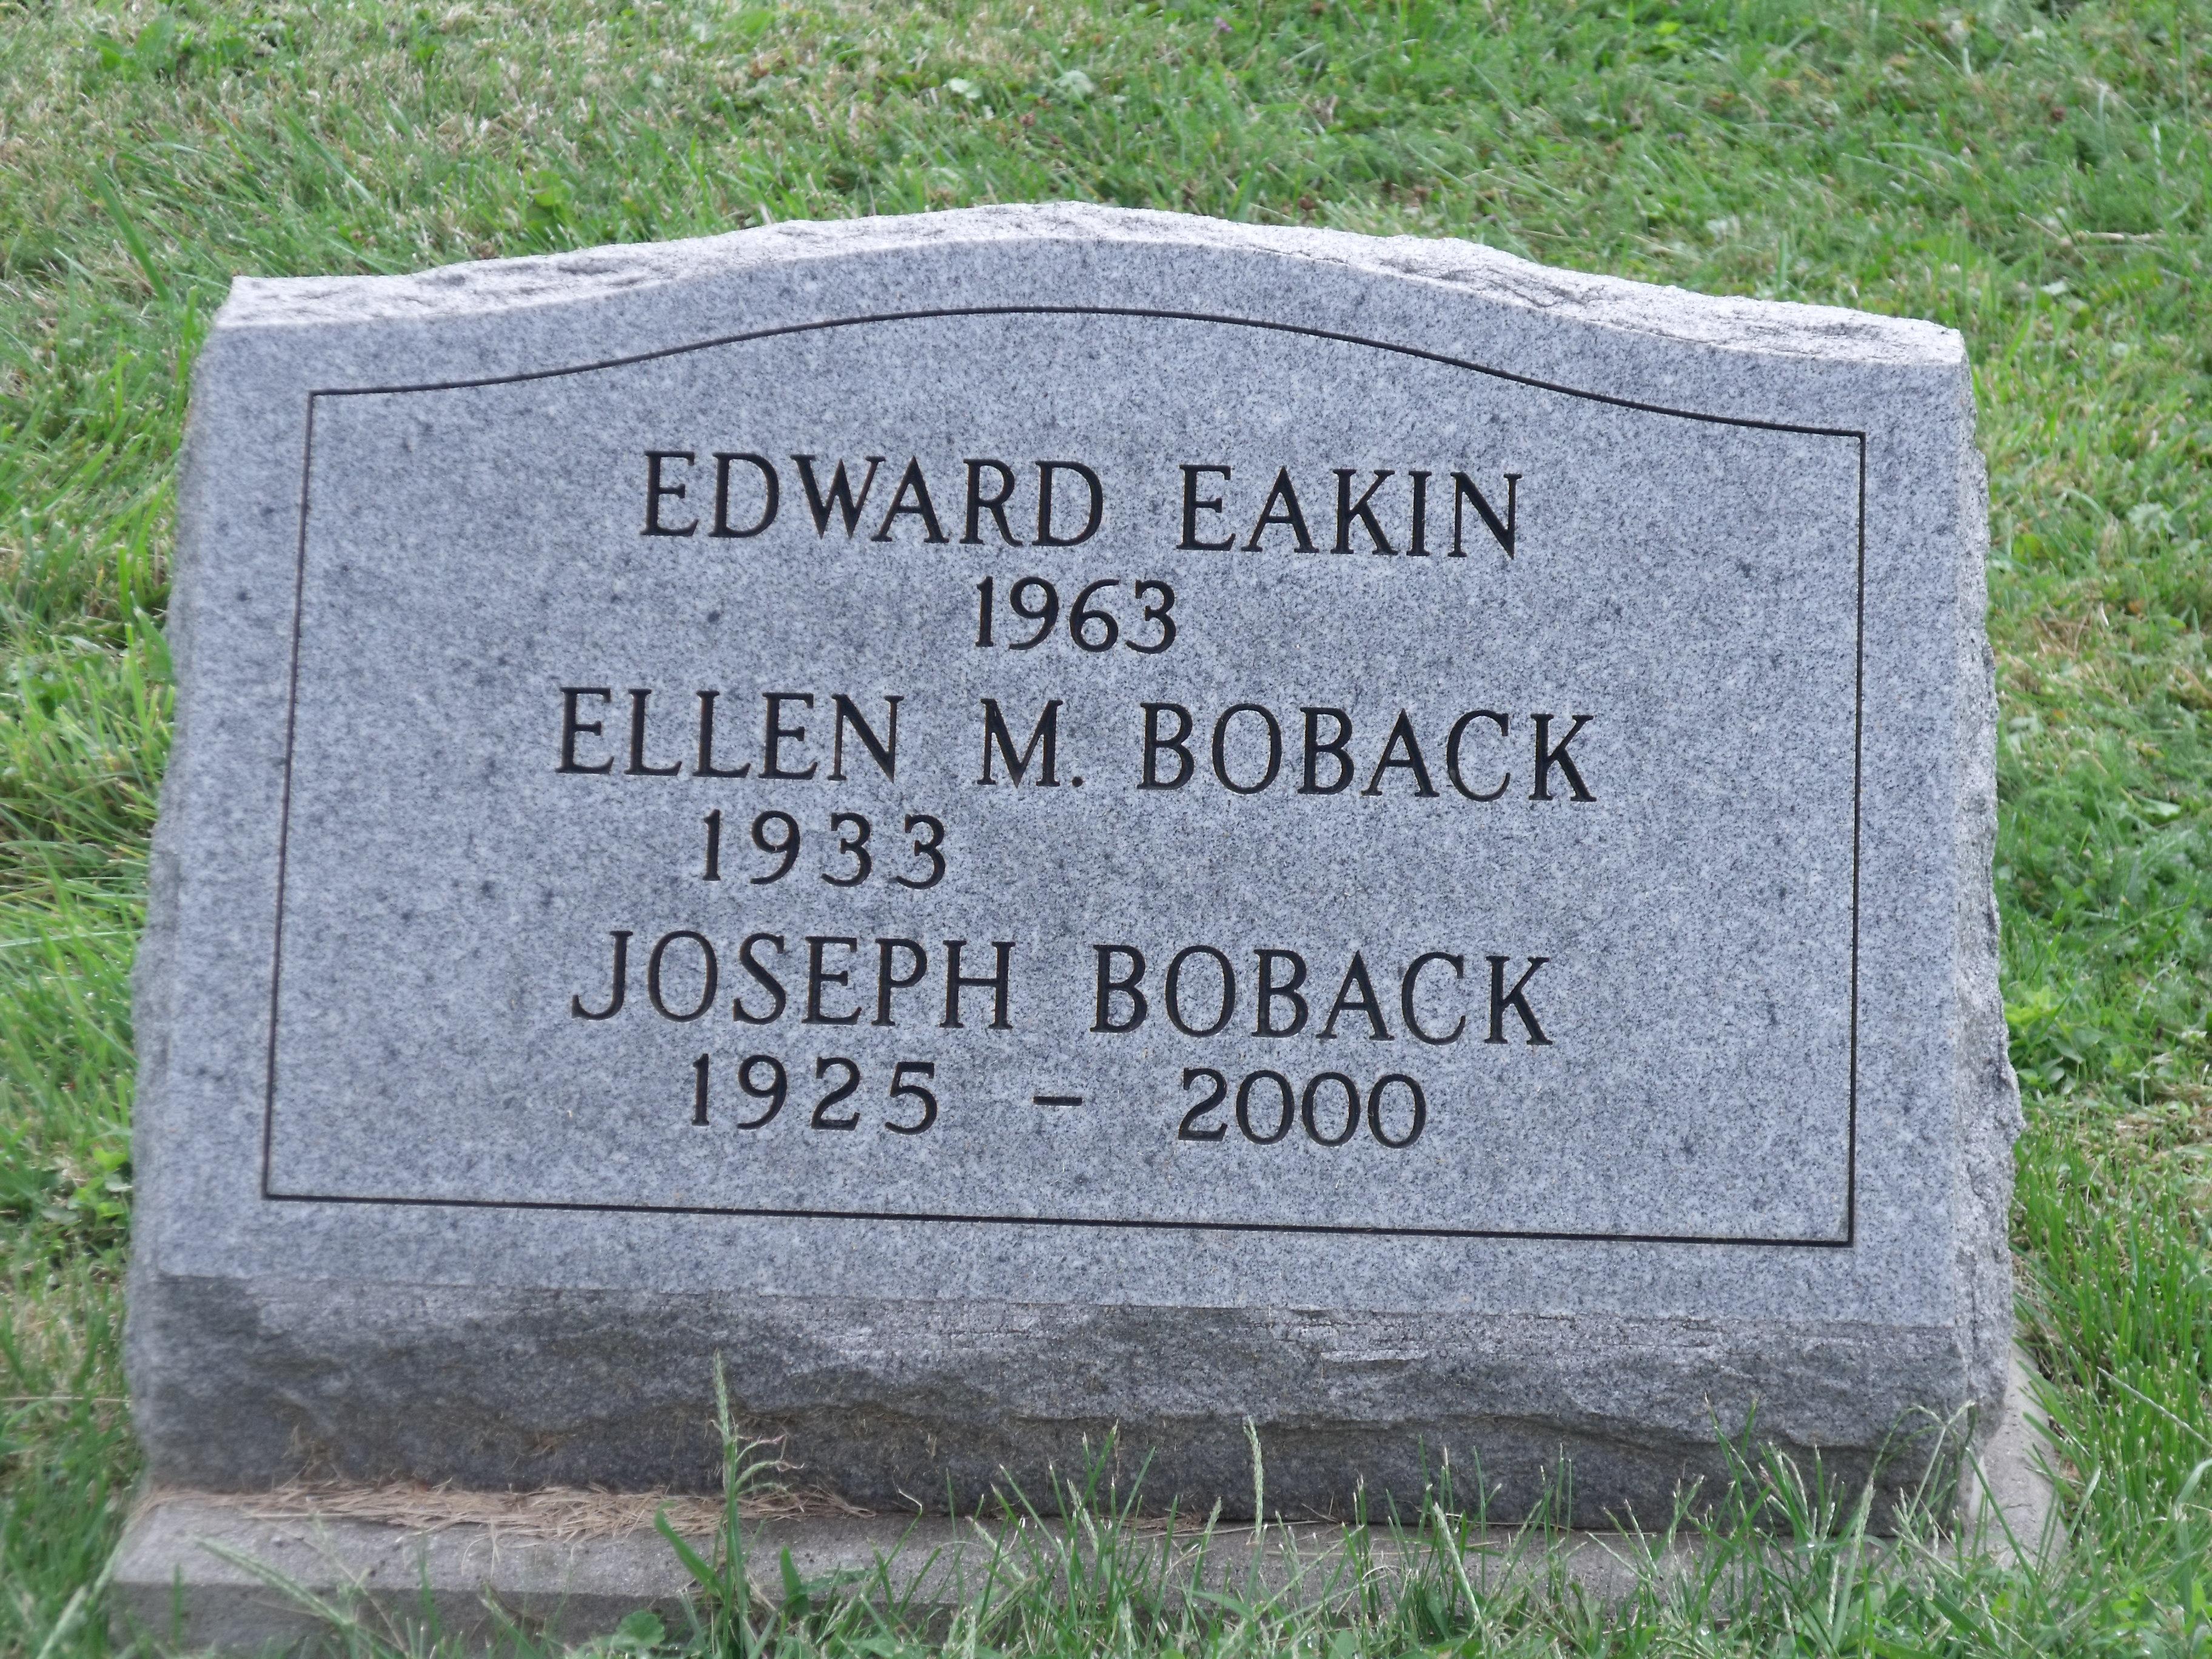 Edward Eakin